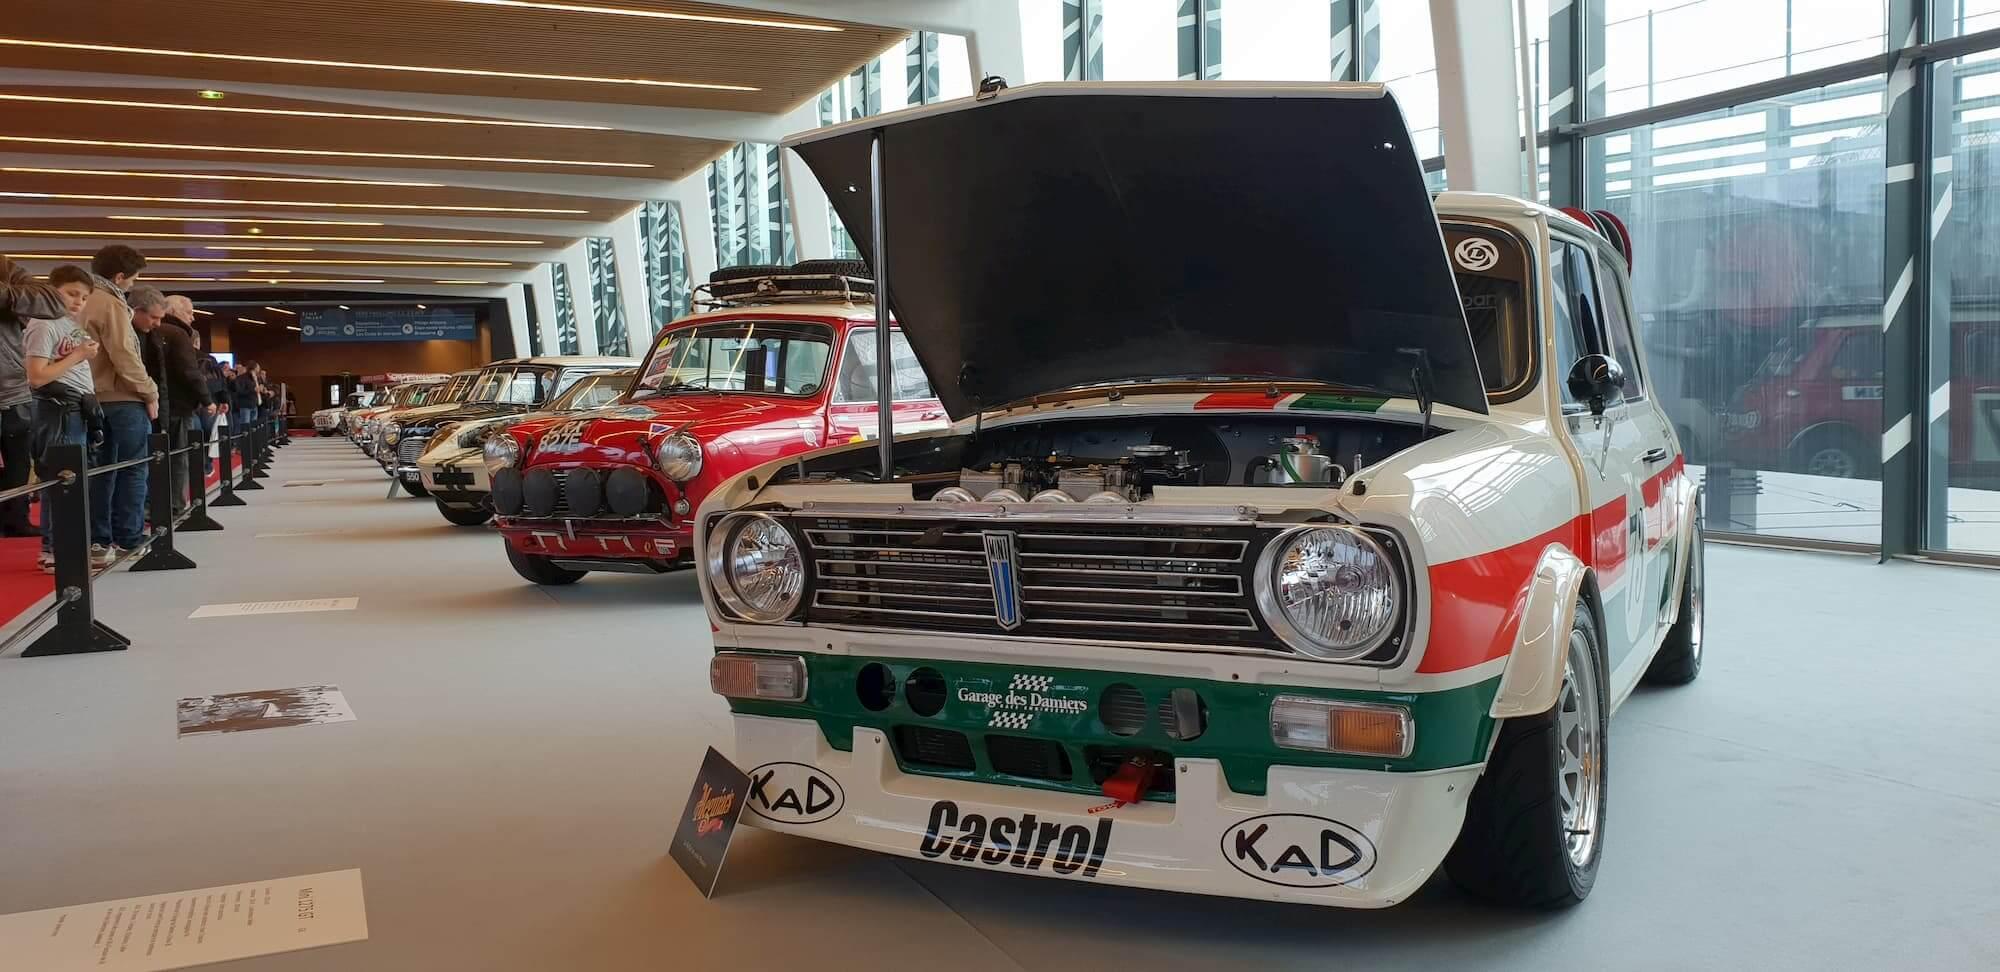 Garage des damiers - 60 ans de la Mini Austin - Mini 1275 GT